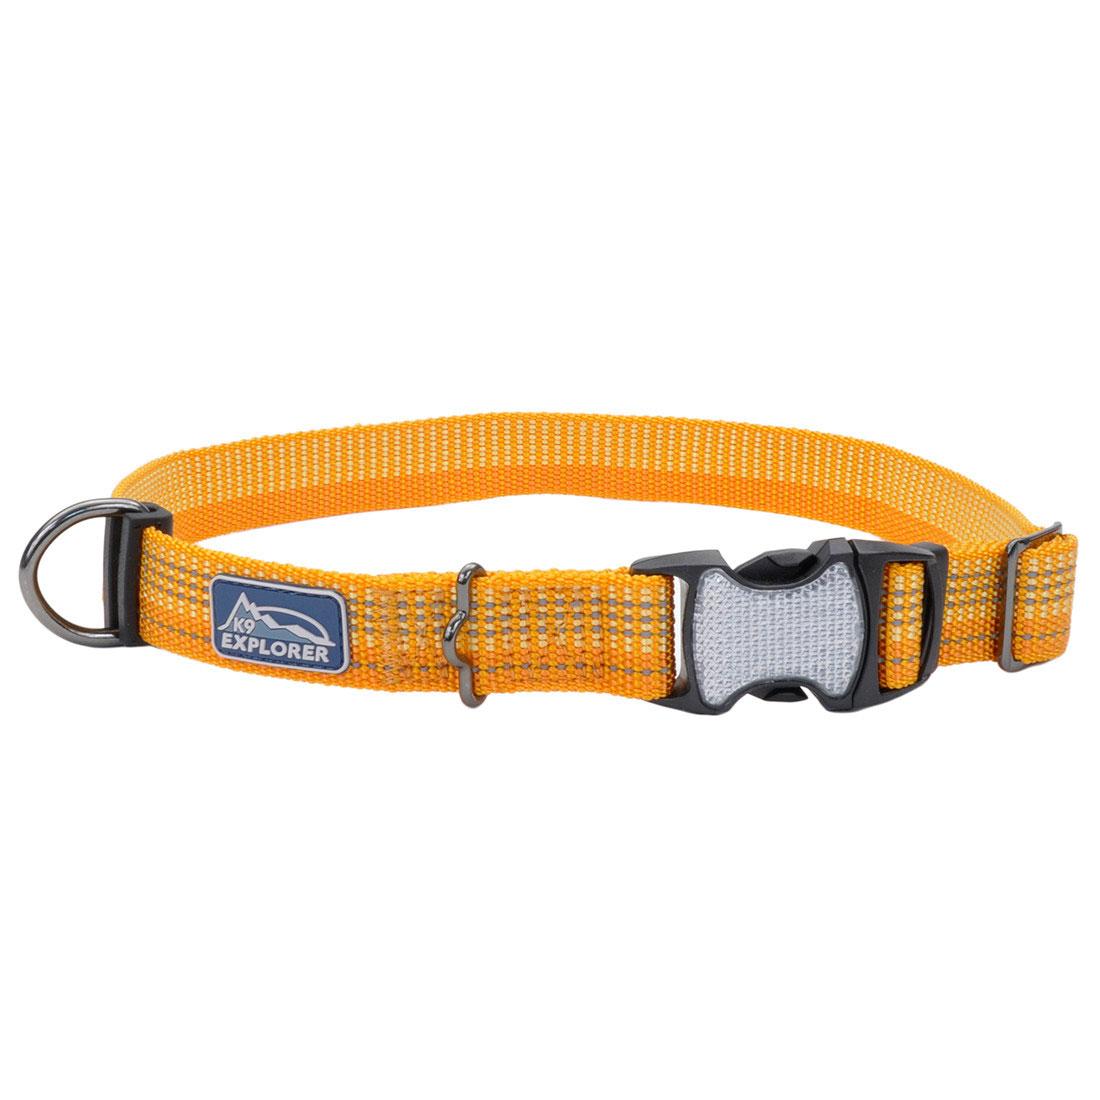 Coastal Pet Products 36932 DES18